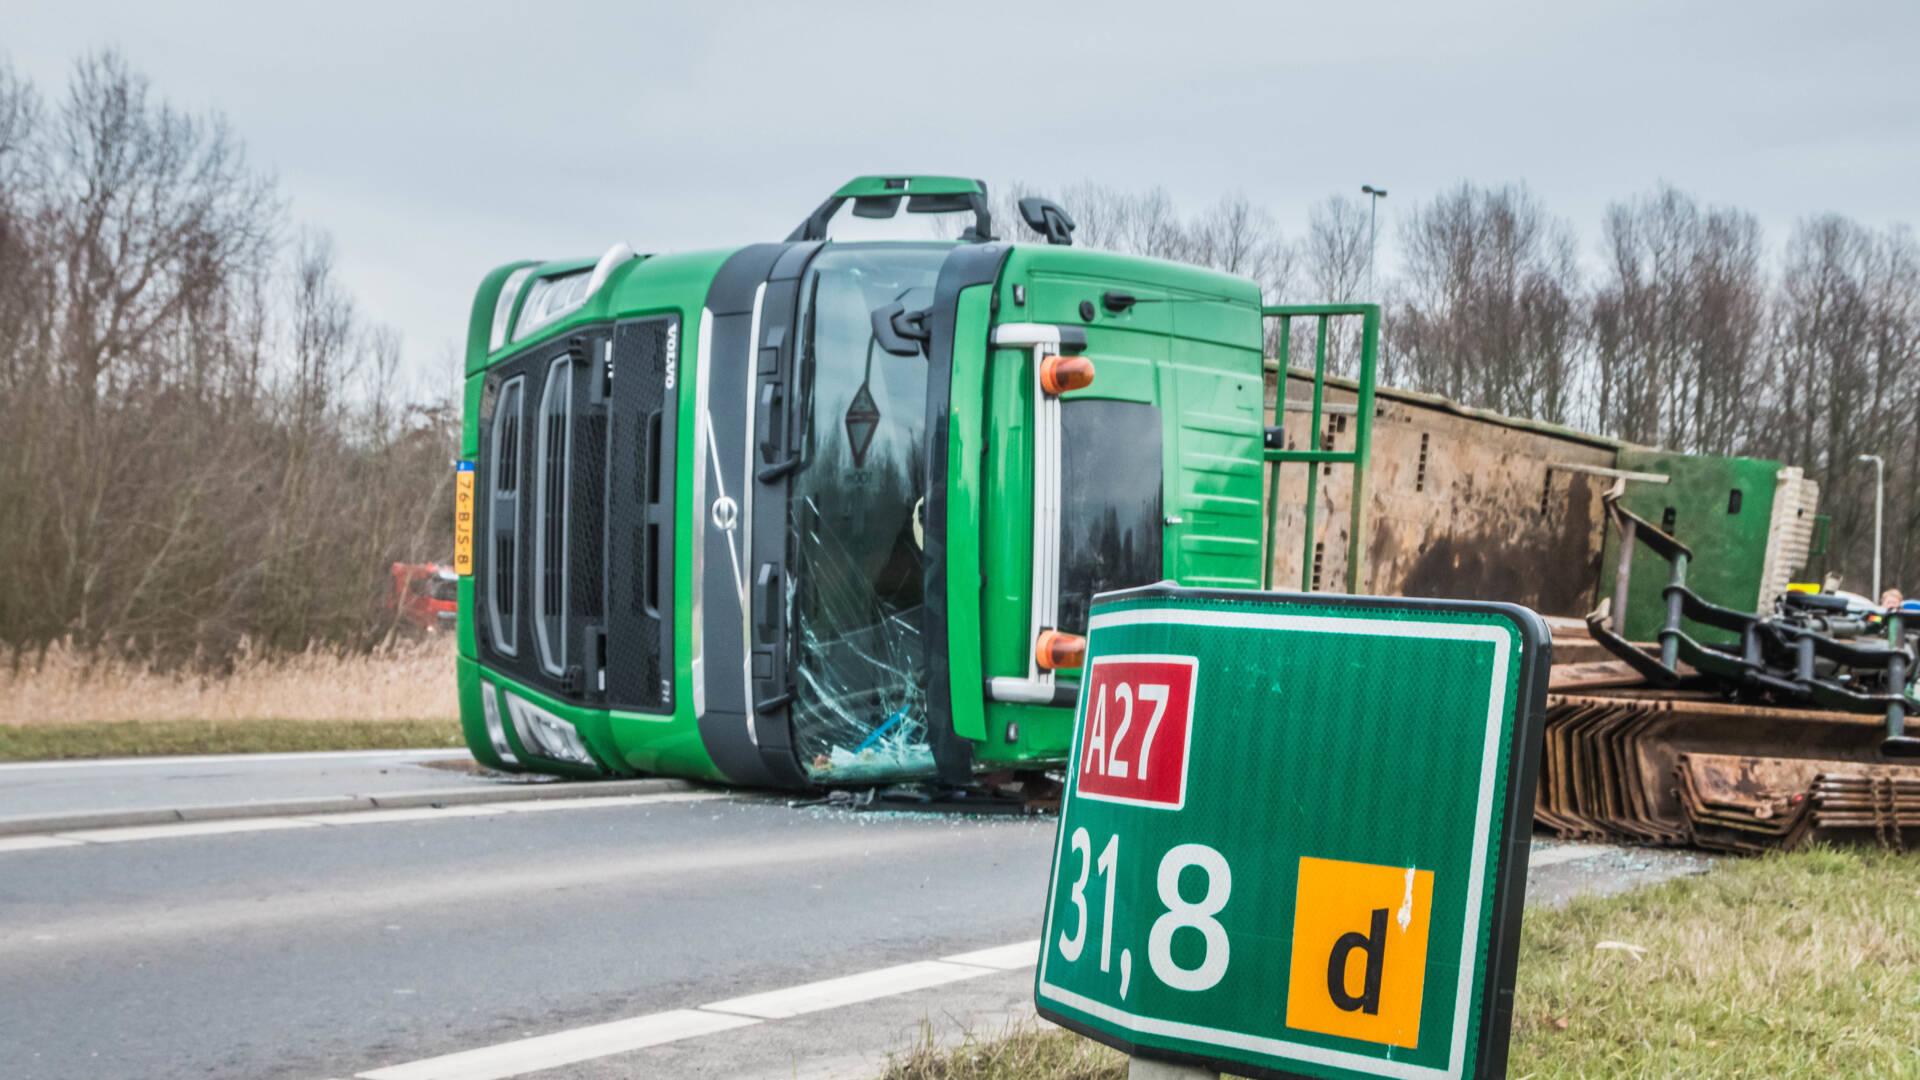 المزيد من حوادث الشاحنات بسبب الازدحام والطقس الدافئ